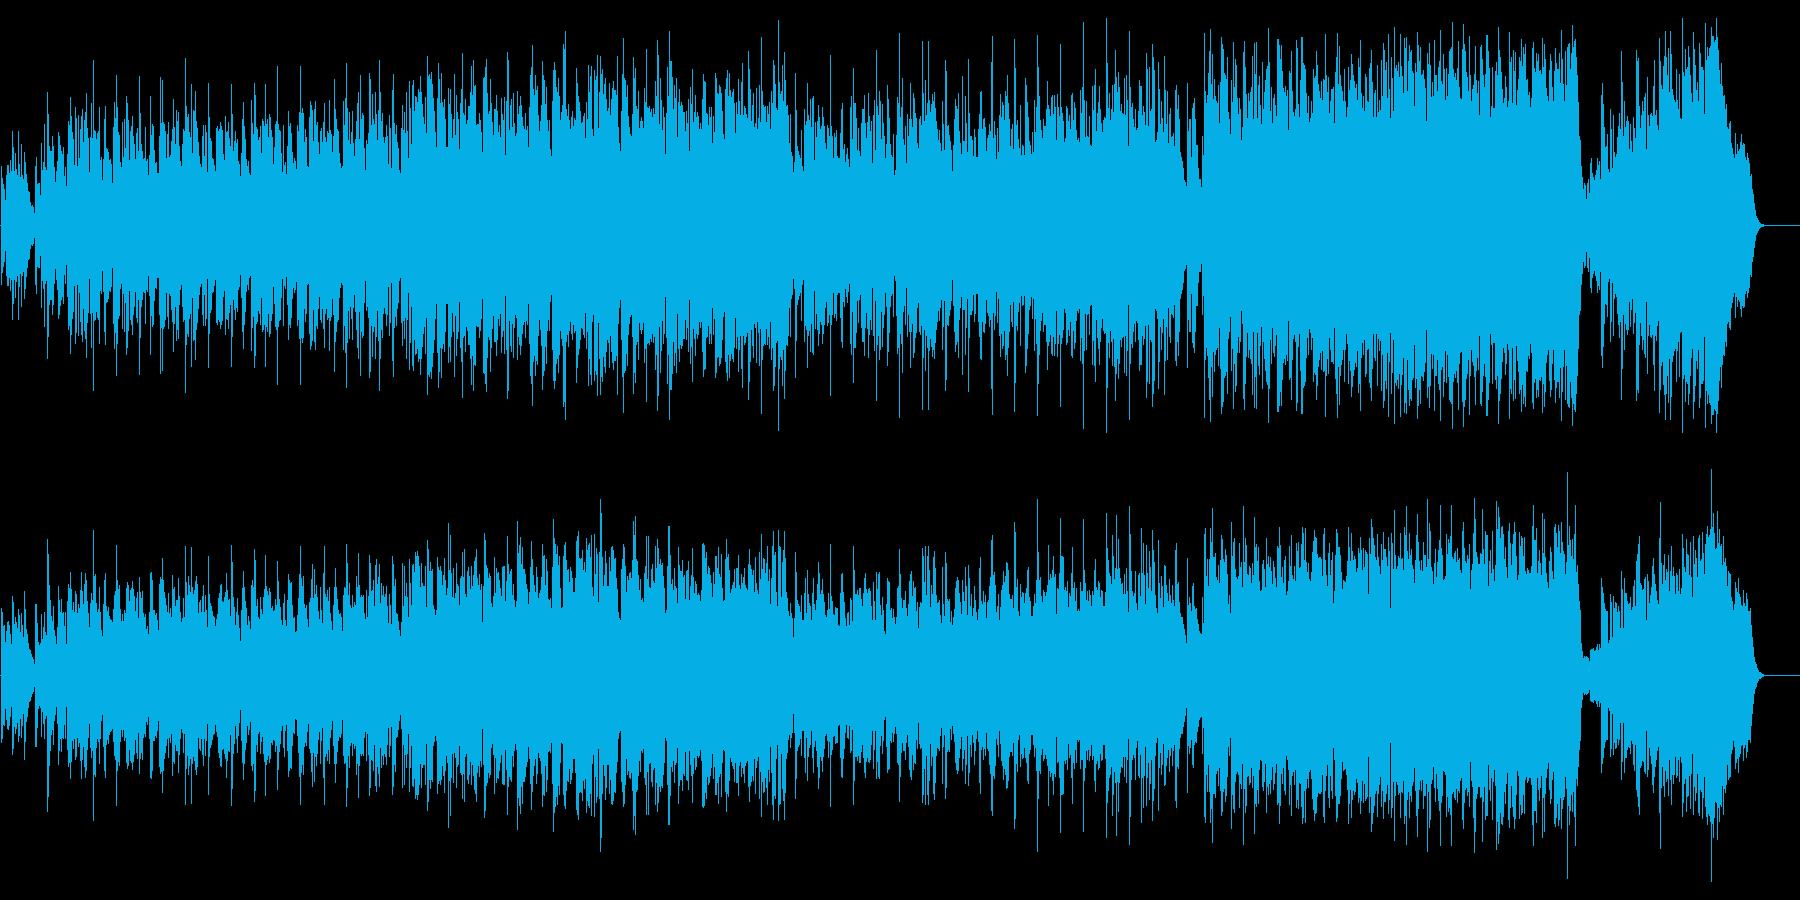 祭典向きウェディング風のバラードの再生済みの波形